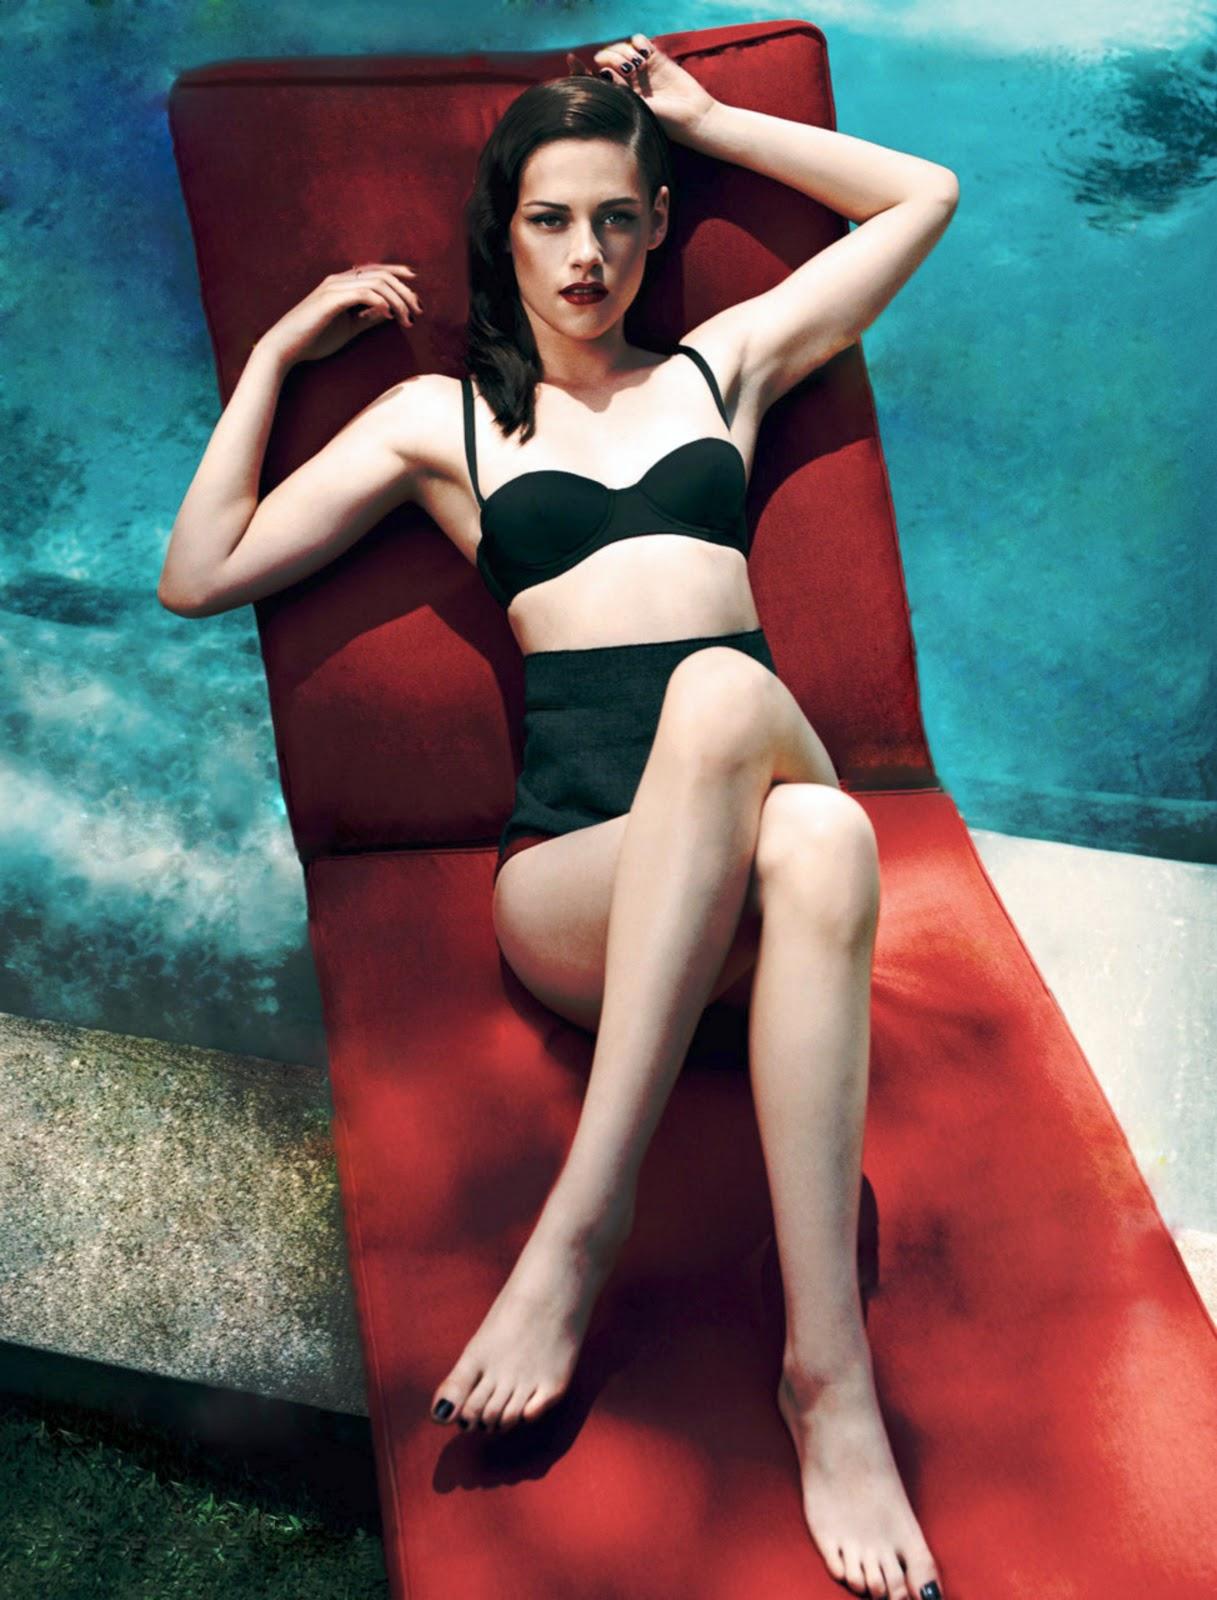 Kristen Stewart hot bikini stills | Kristen steward sexy